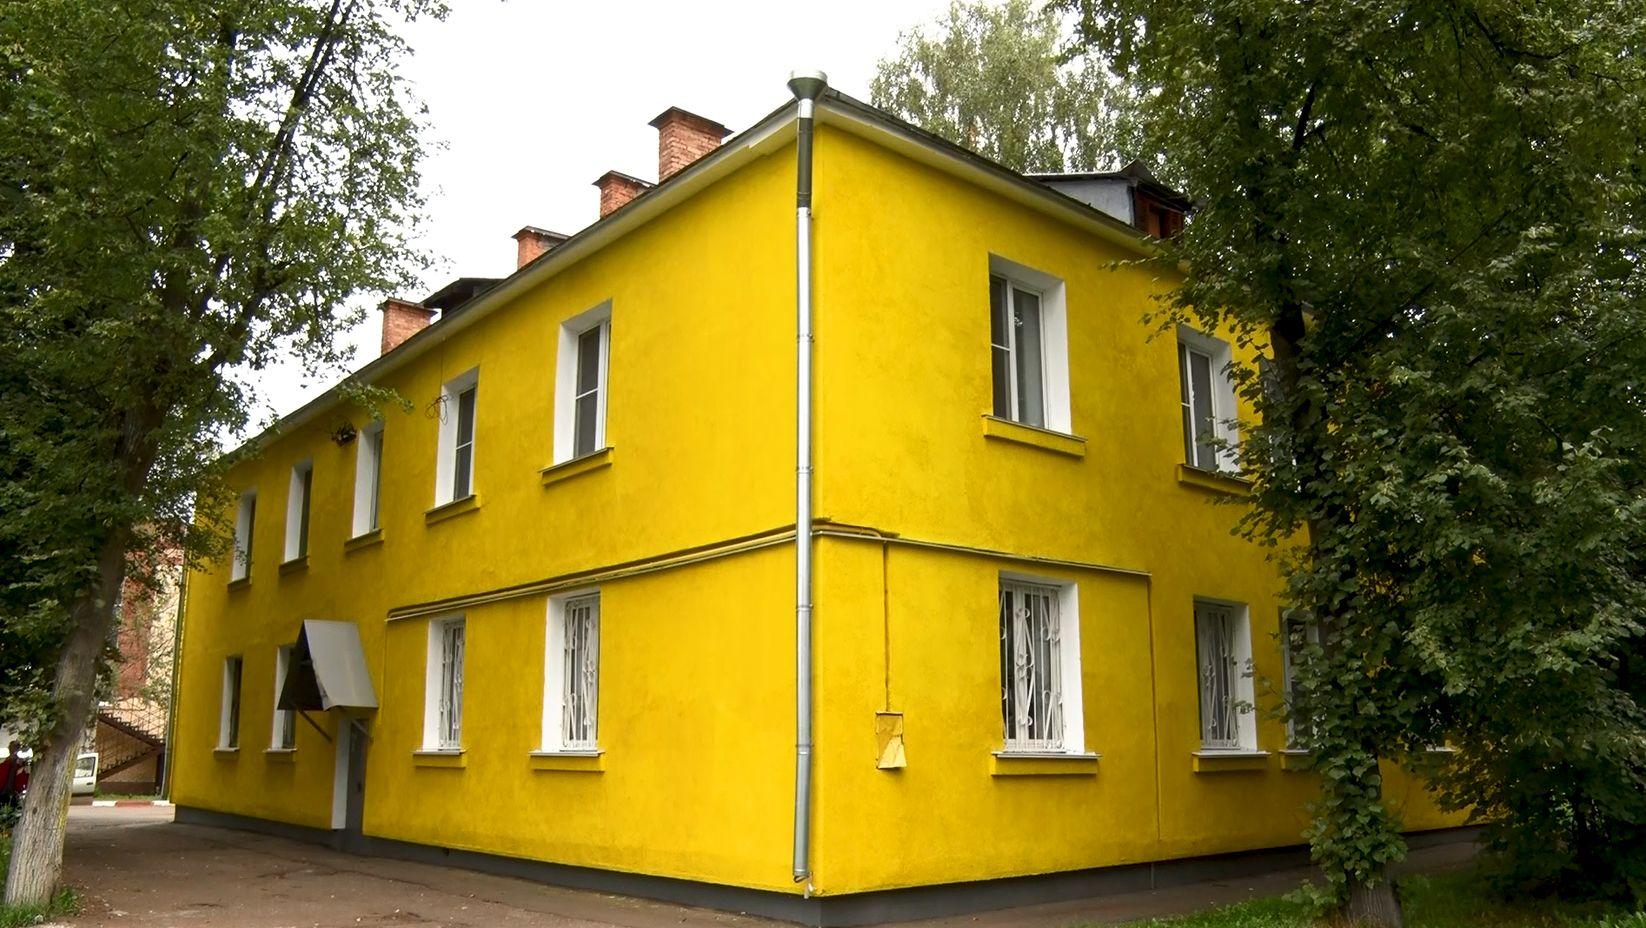 Тепло из квартир больше не уходит: в доме на улице Закгейма в Ярославле завершили капремонт